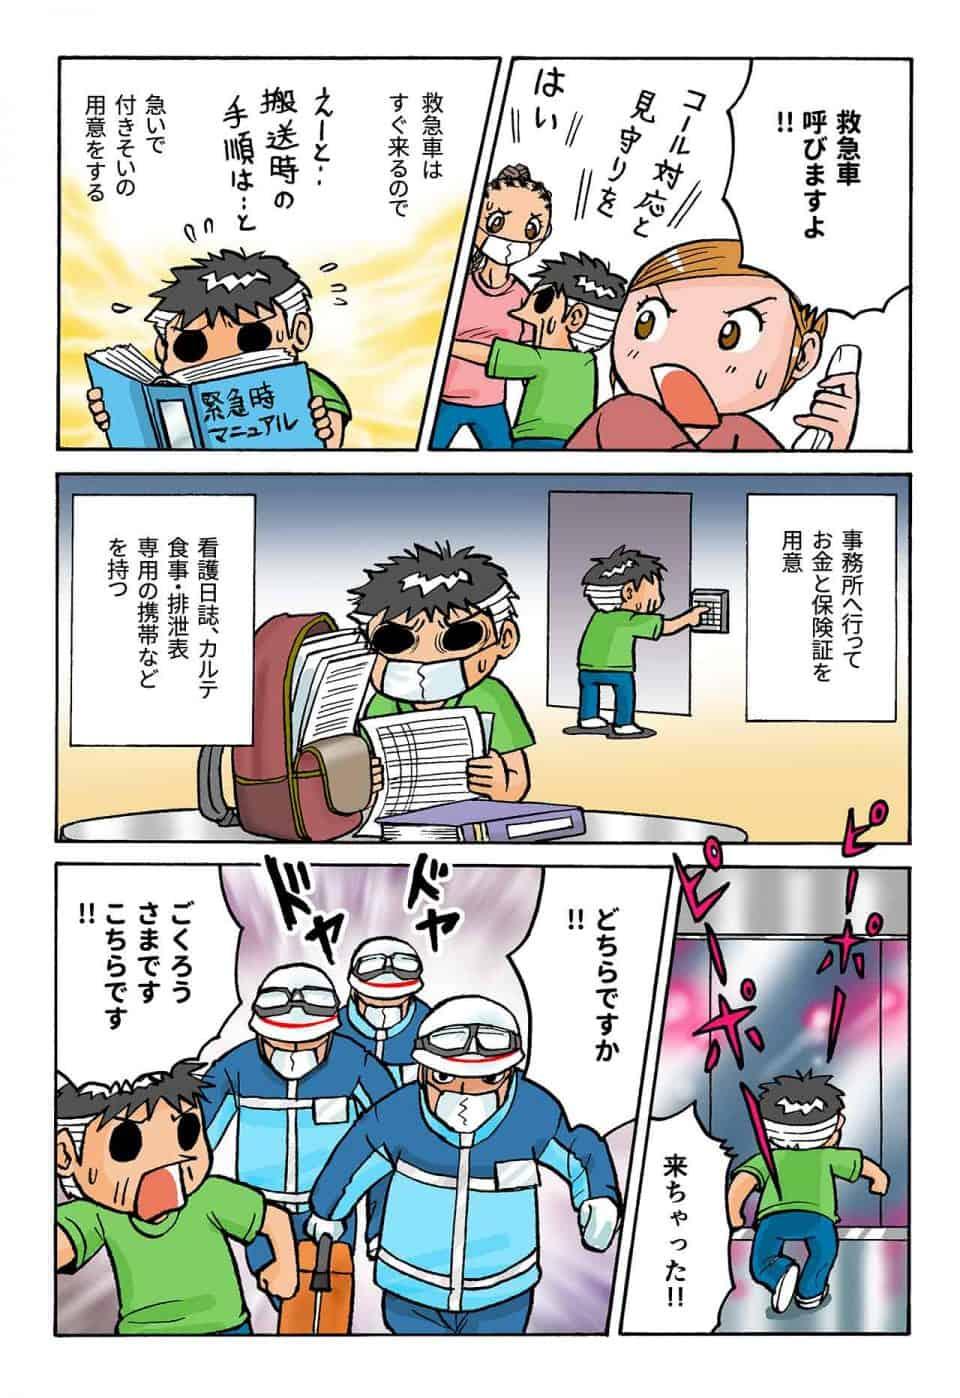 介護施設の夜勤で救急搬送_介護漫画_八万介助_11-4